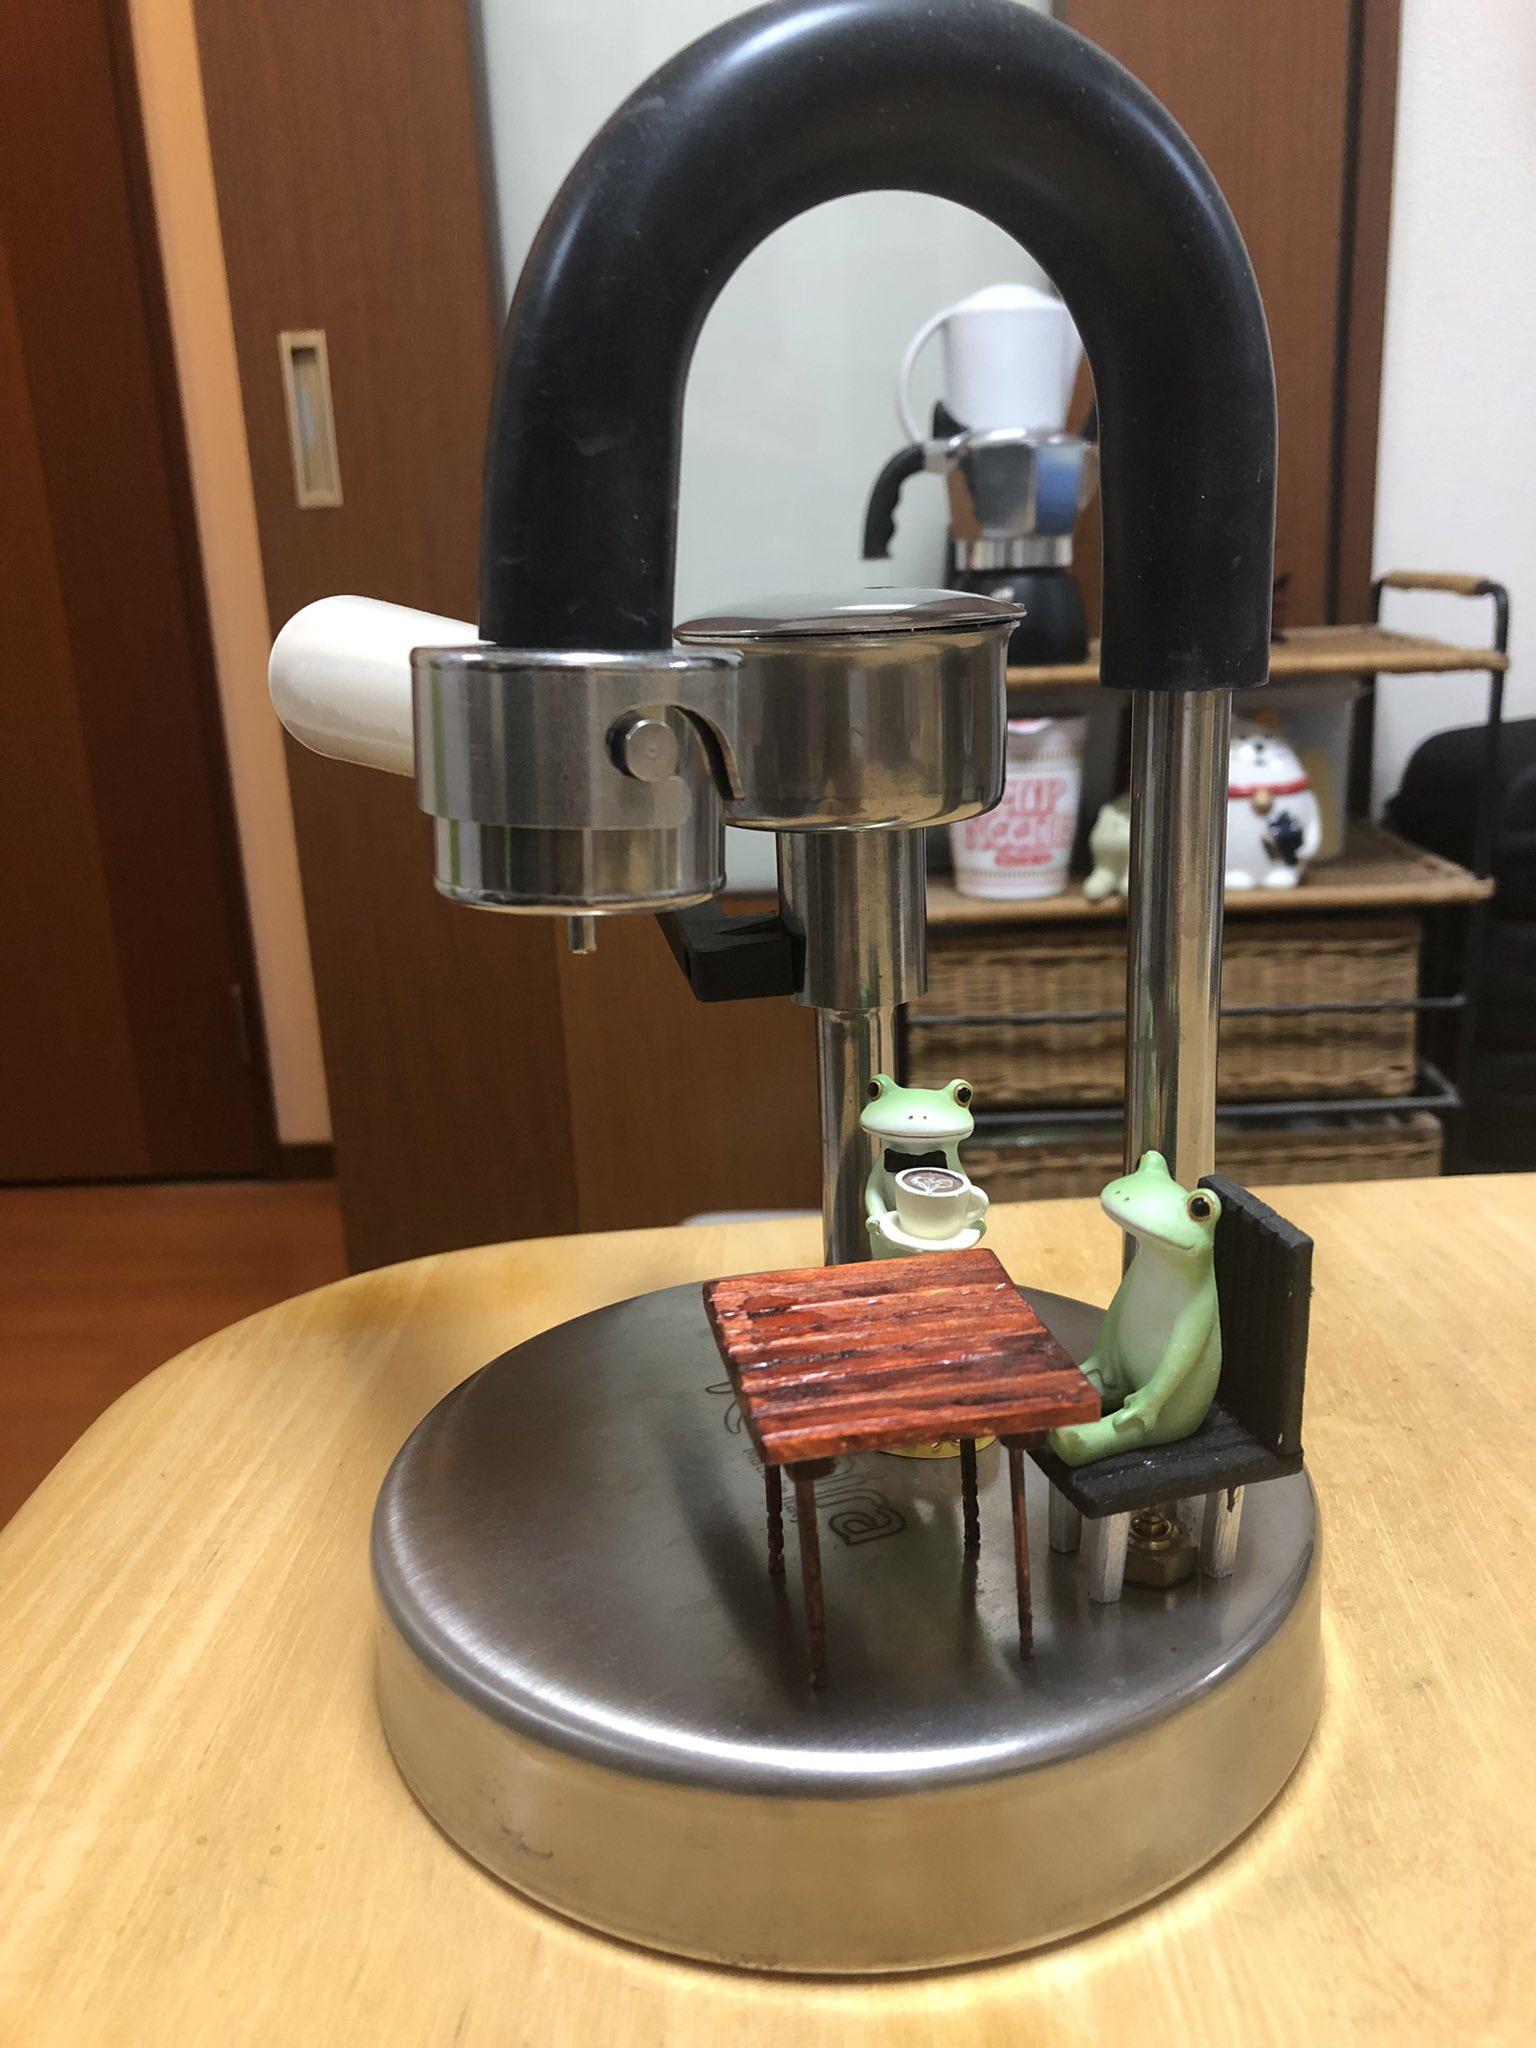 【画像】ガチニートだけど2万円のコーヒー抽出器具買ったら好きになってワロタwwww